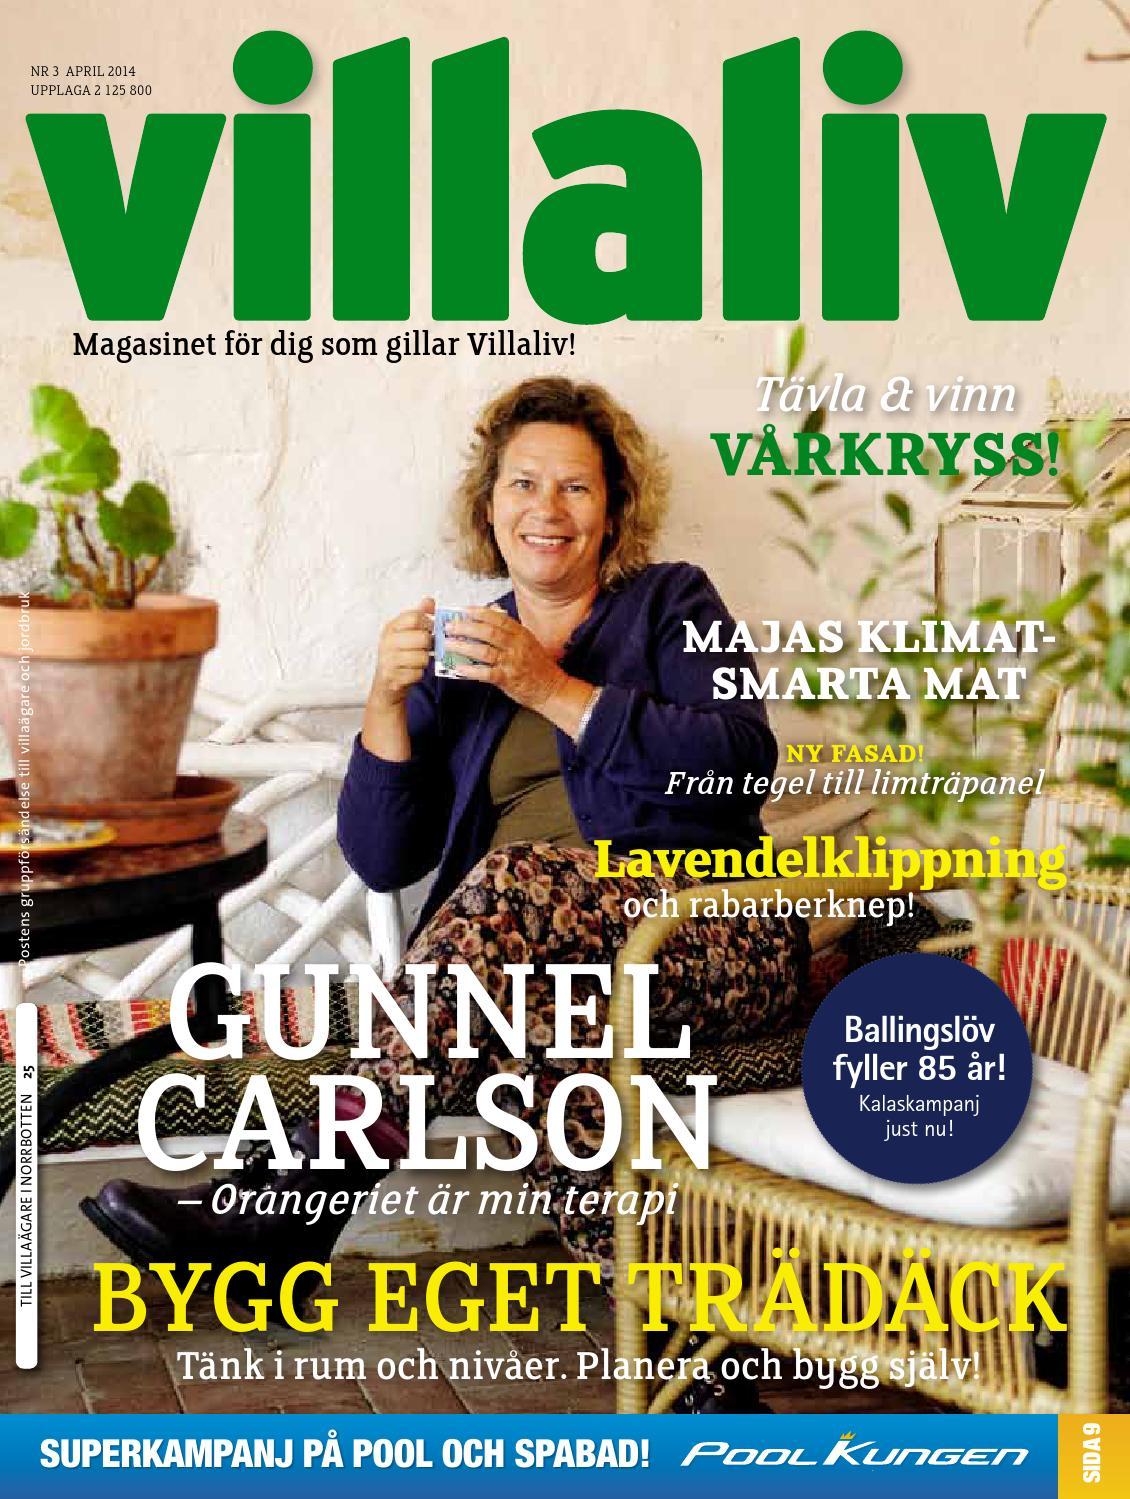 Västerås #3 by villatidningen   issuu